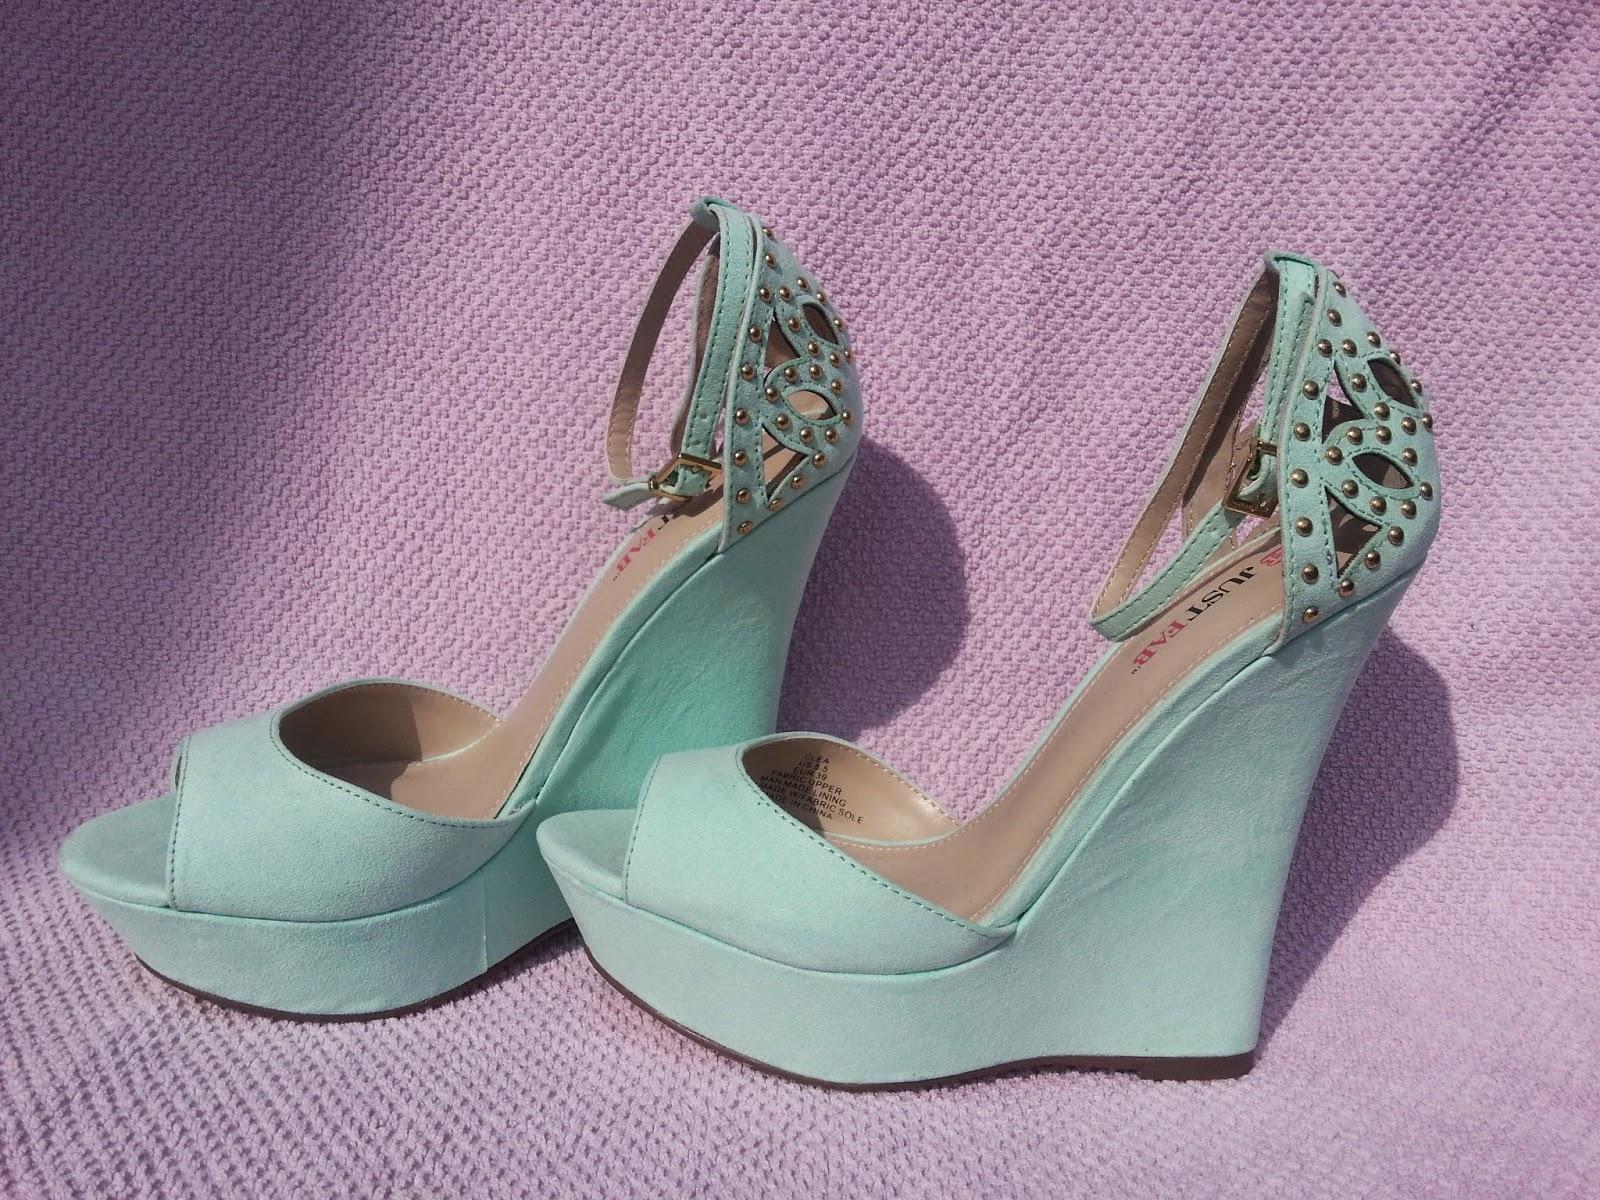 JustFab - Bags & Shoes - www.annitschkasblog.de